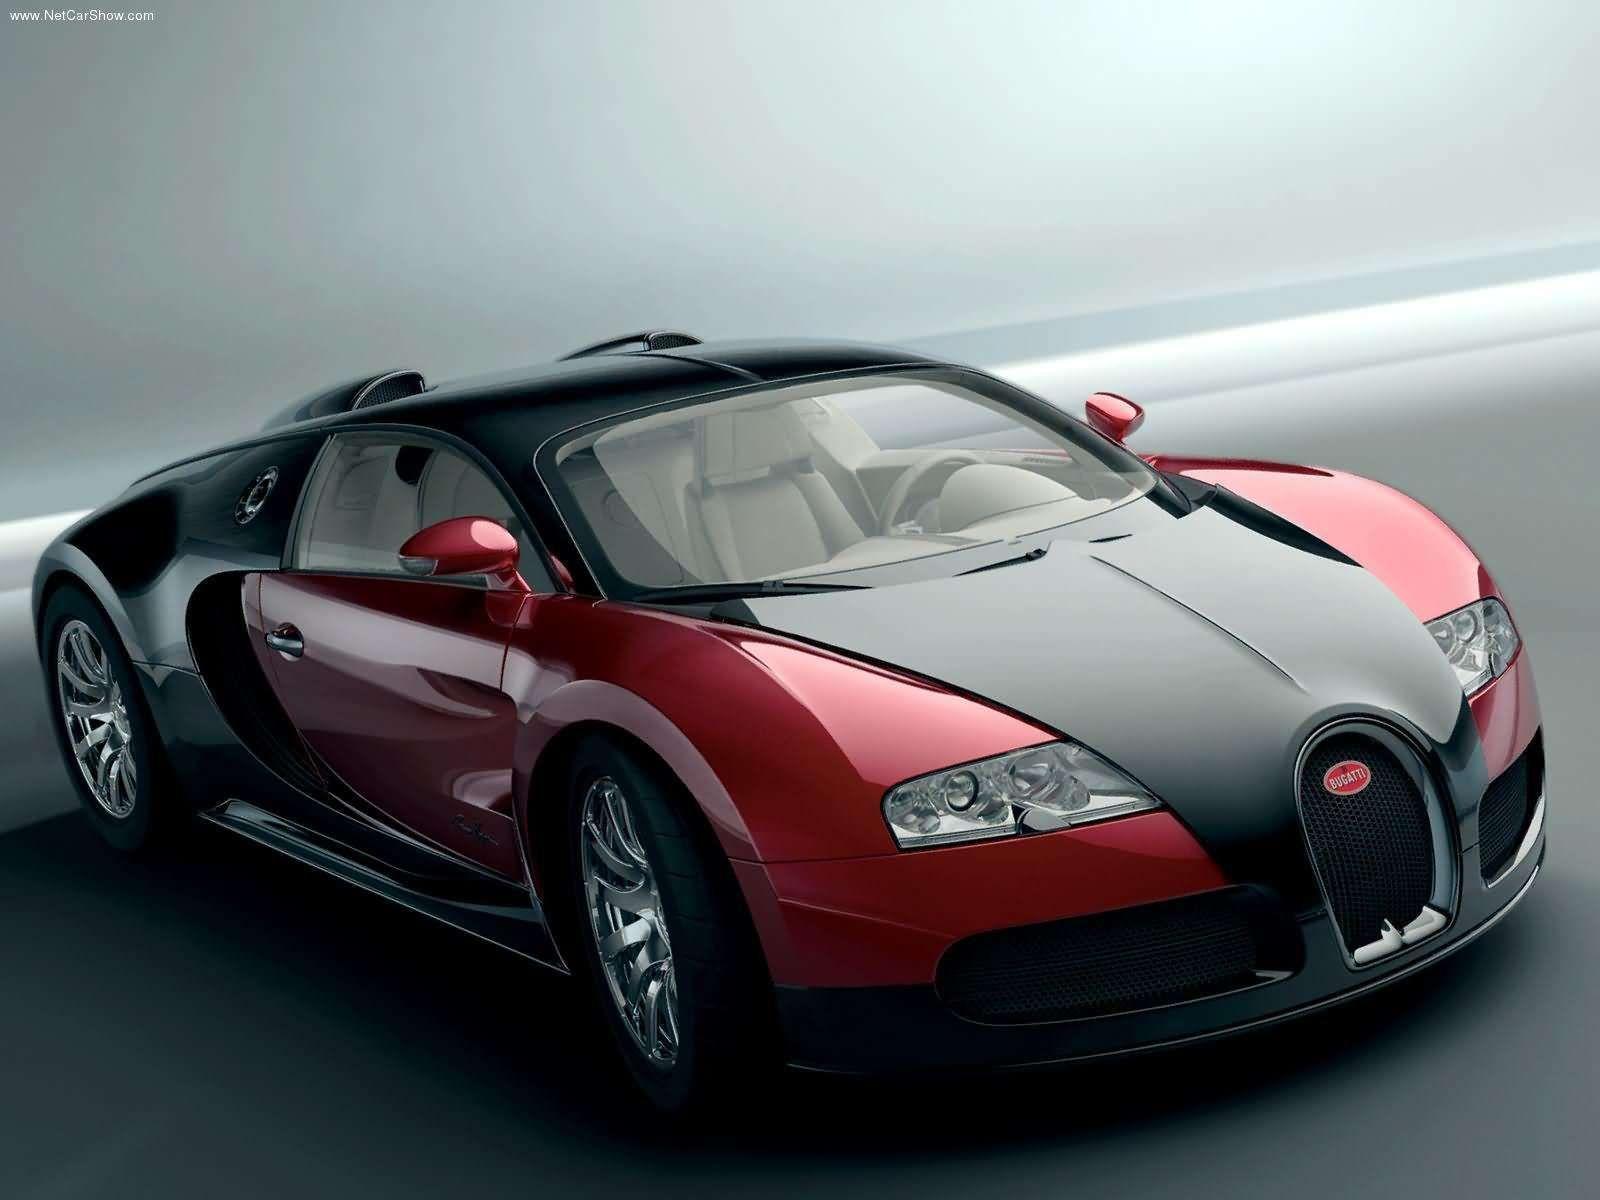 2002 bugatti eb 16.4 veyron | bugatti cars | pinterest | cars